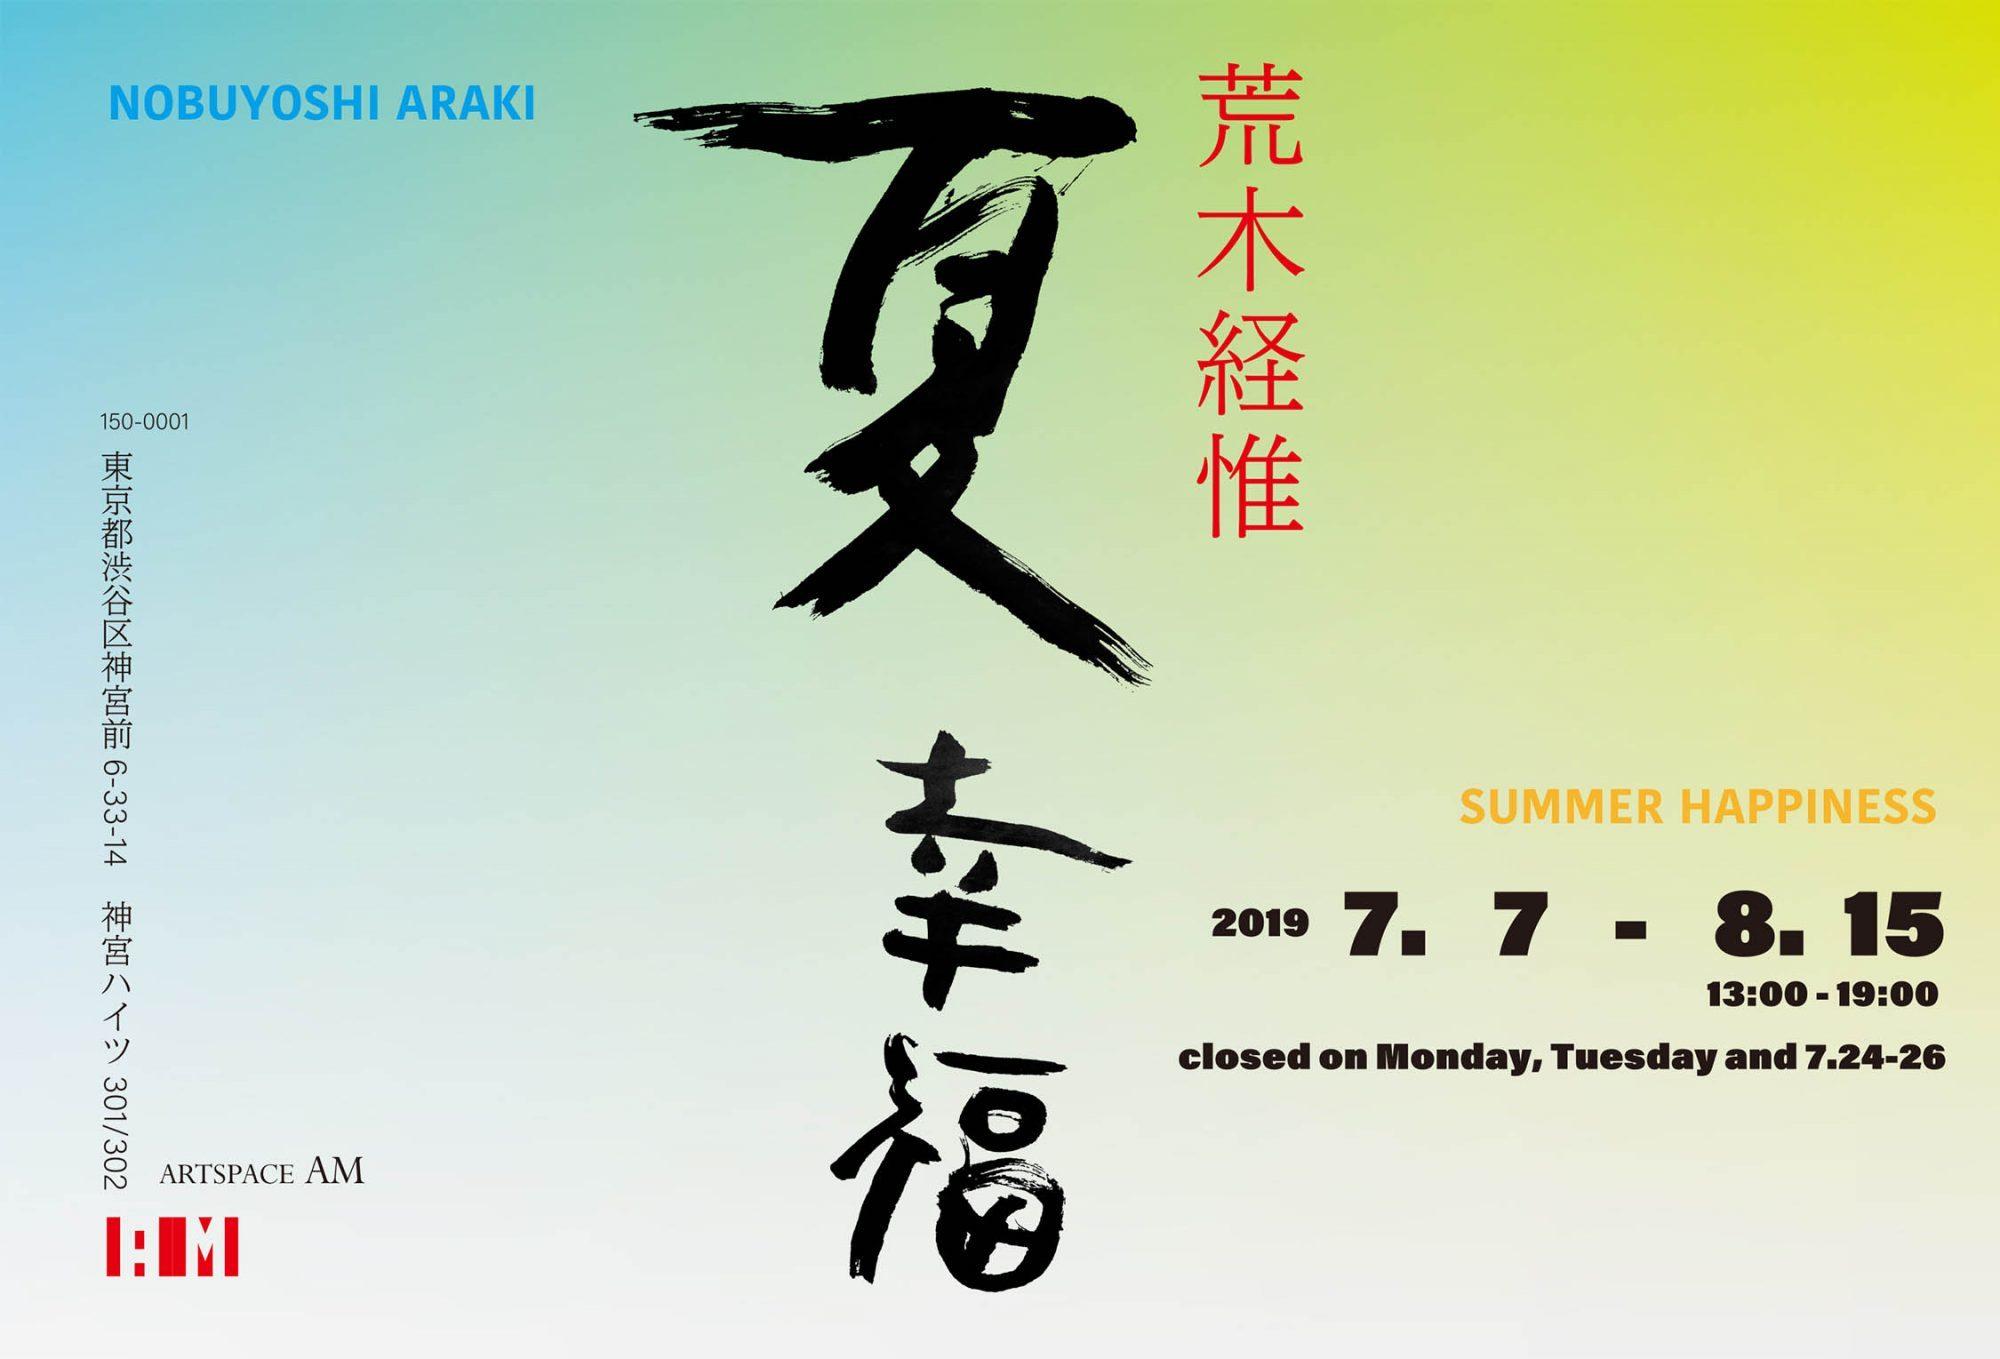 荒木経惟氏 展覧会「夏幸福」_b0187229_13141096.jpg